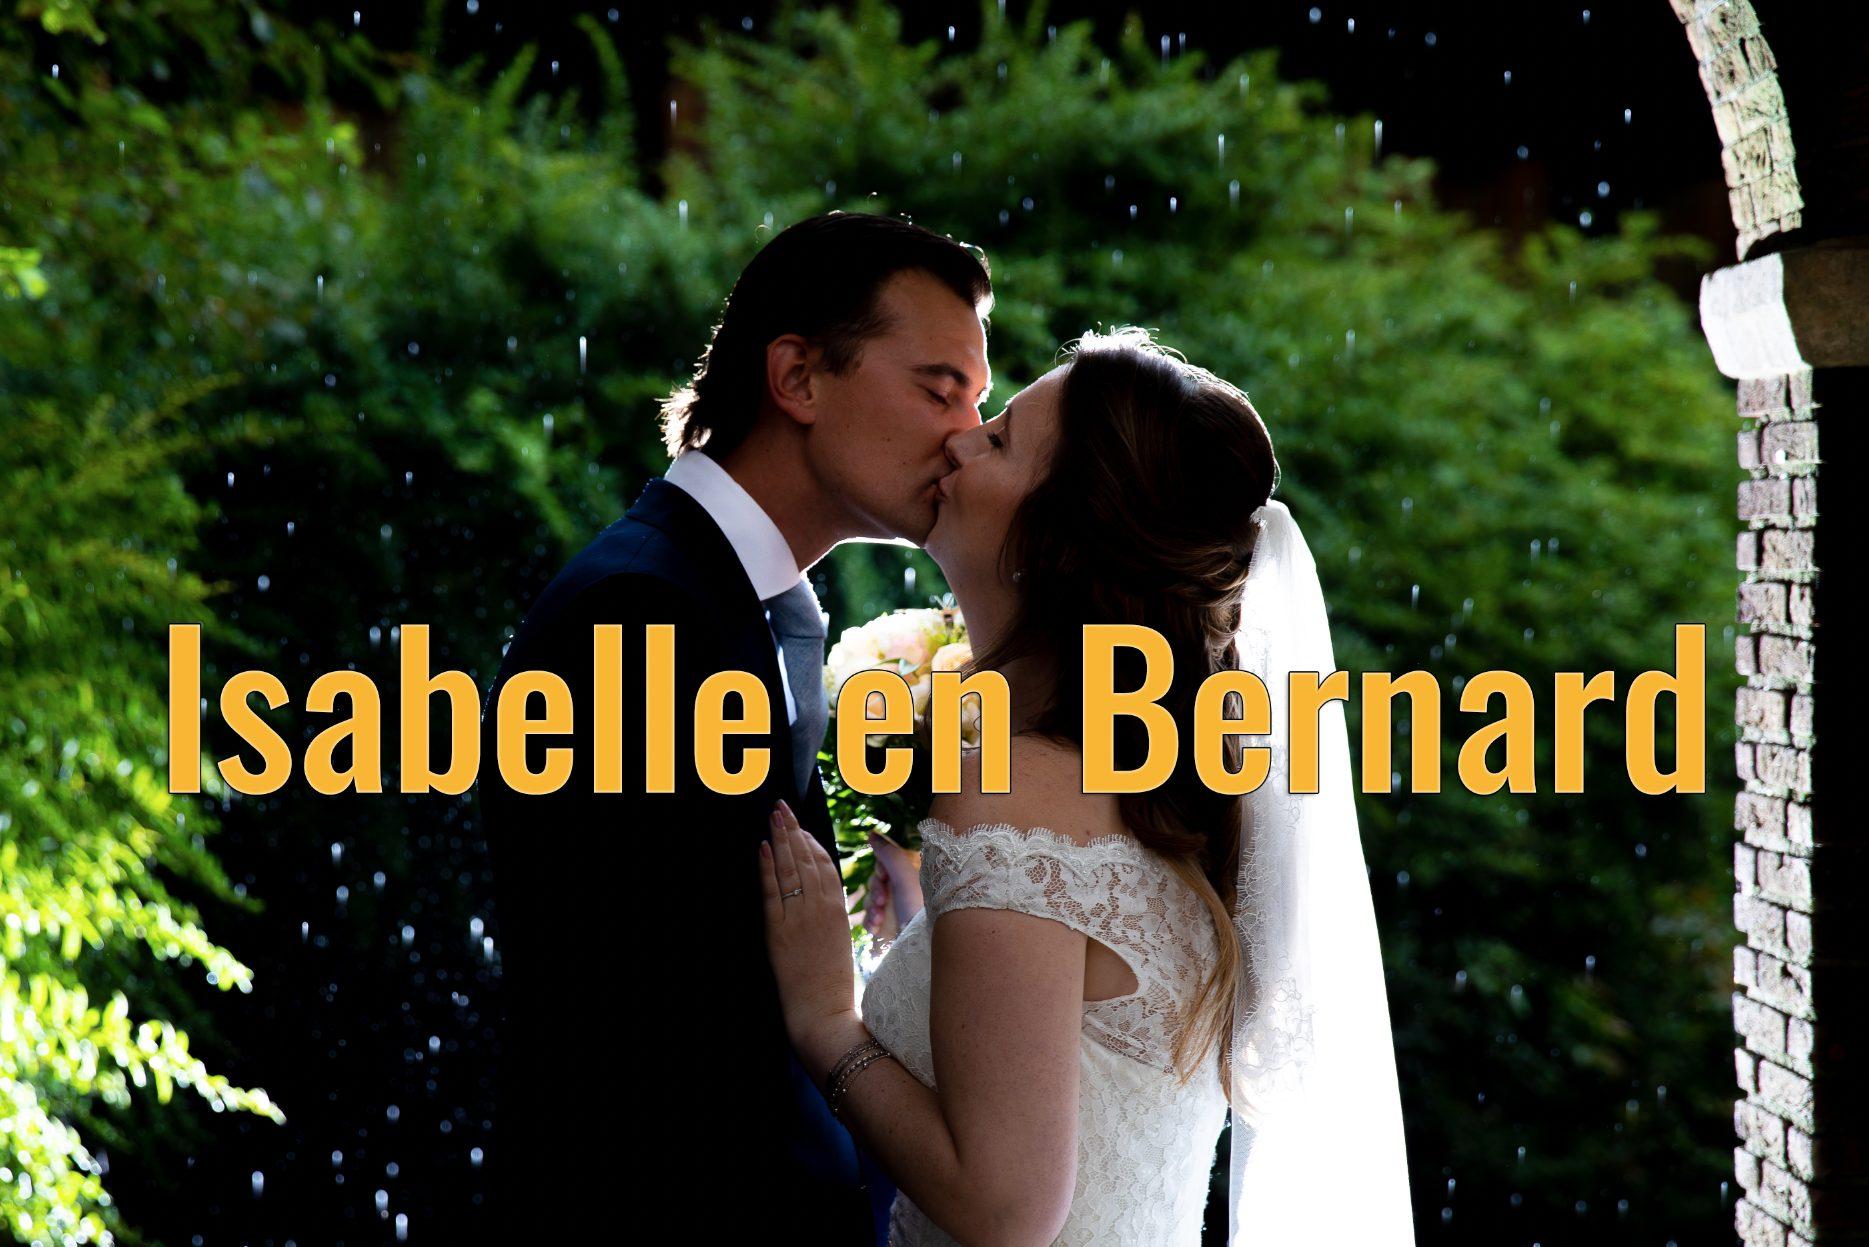 Beschermd: Isabelle en Bernard